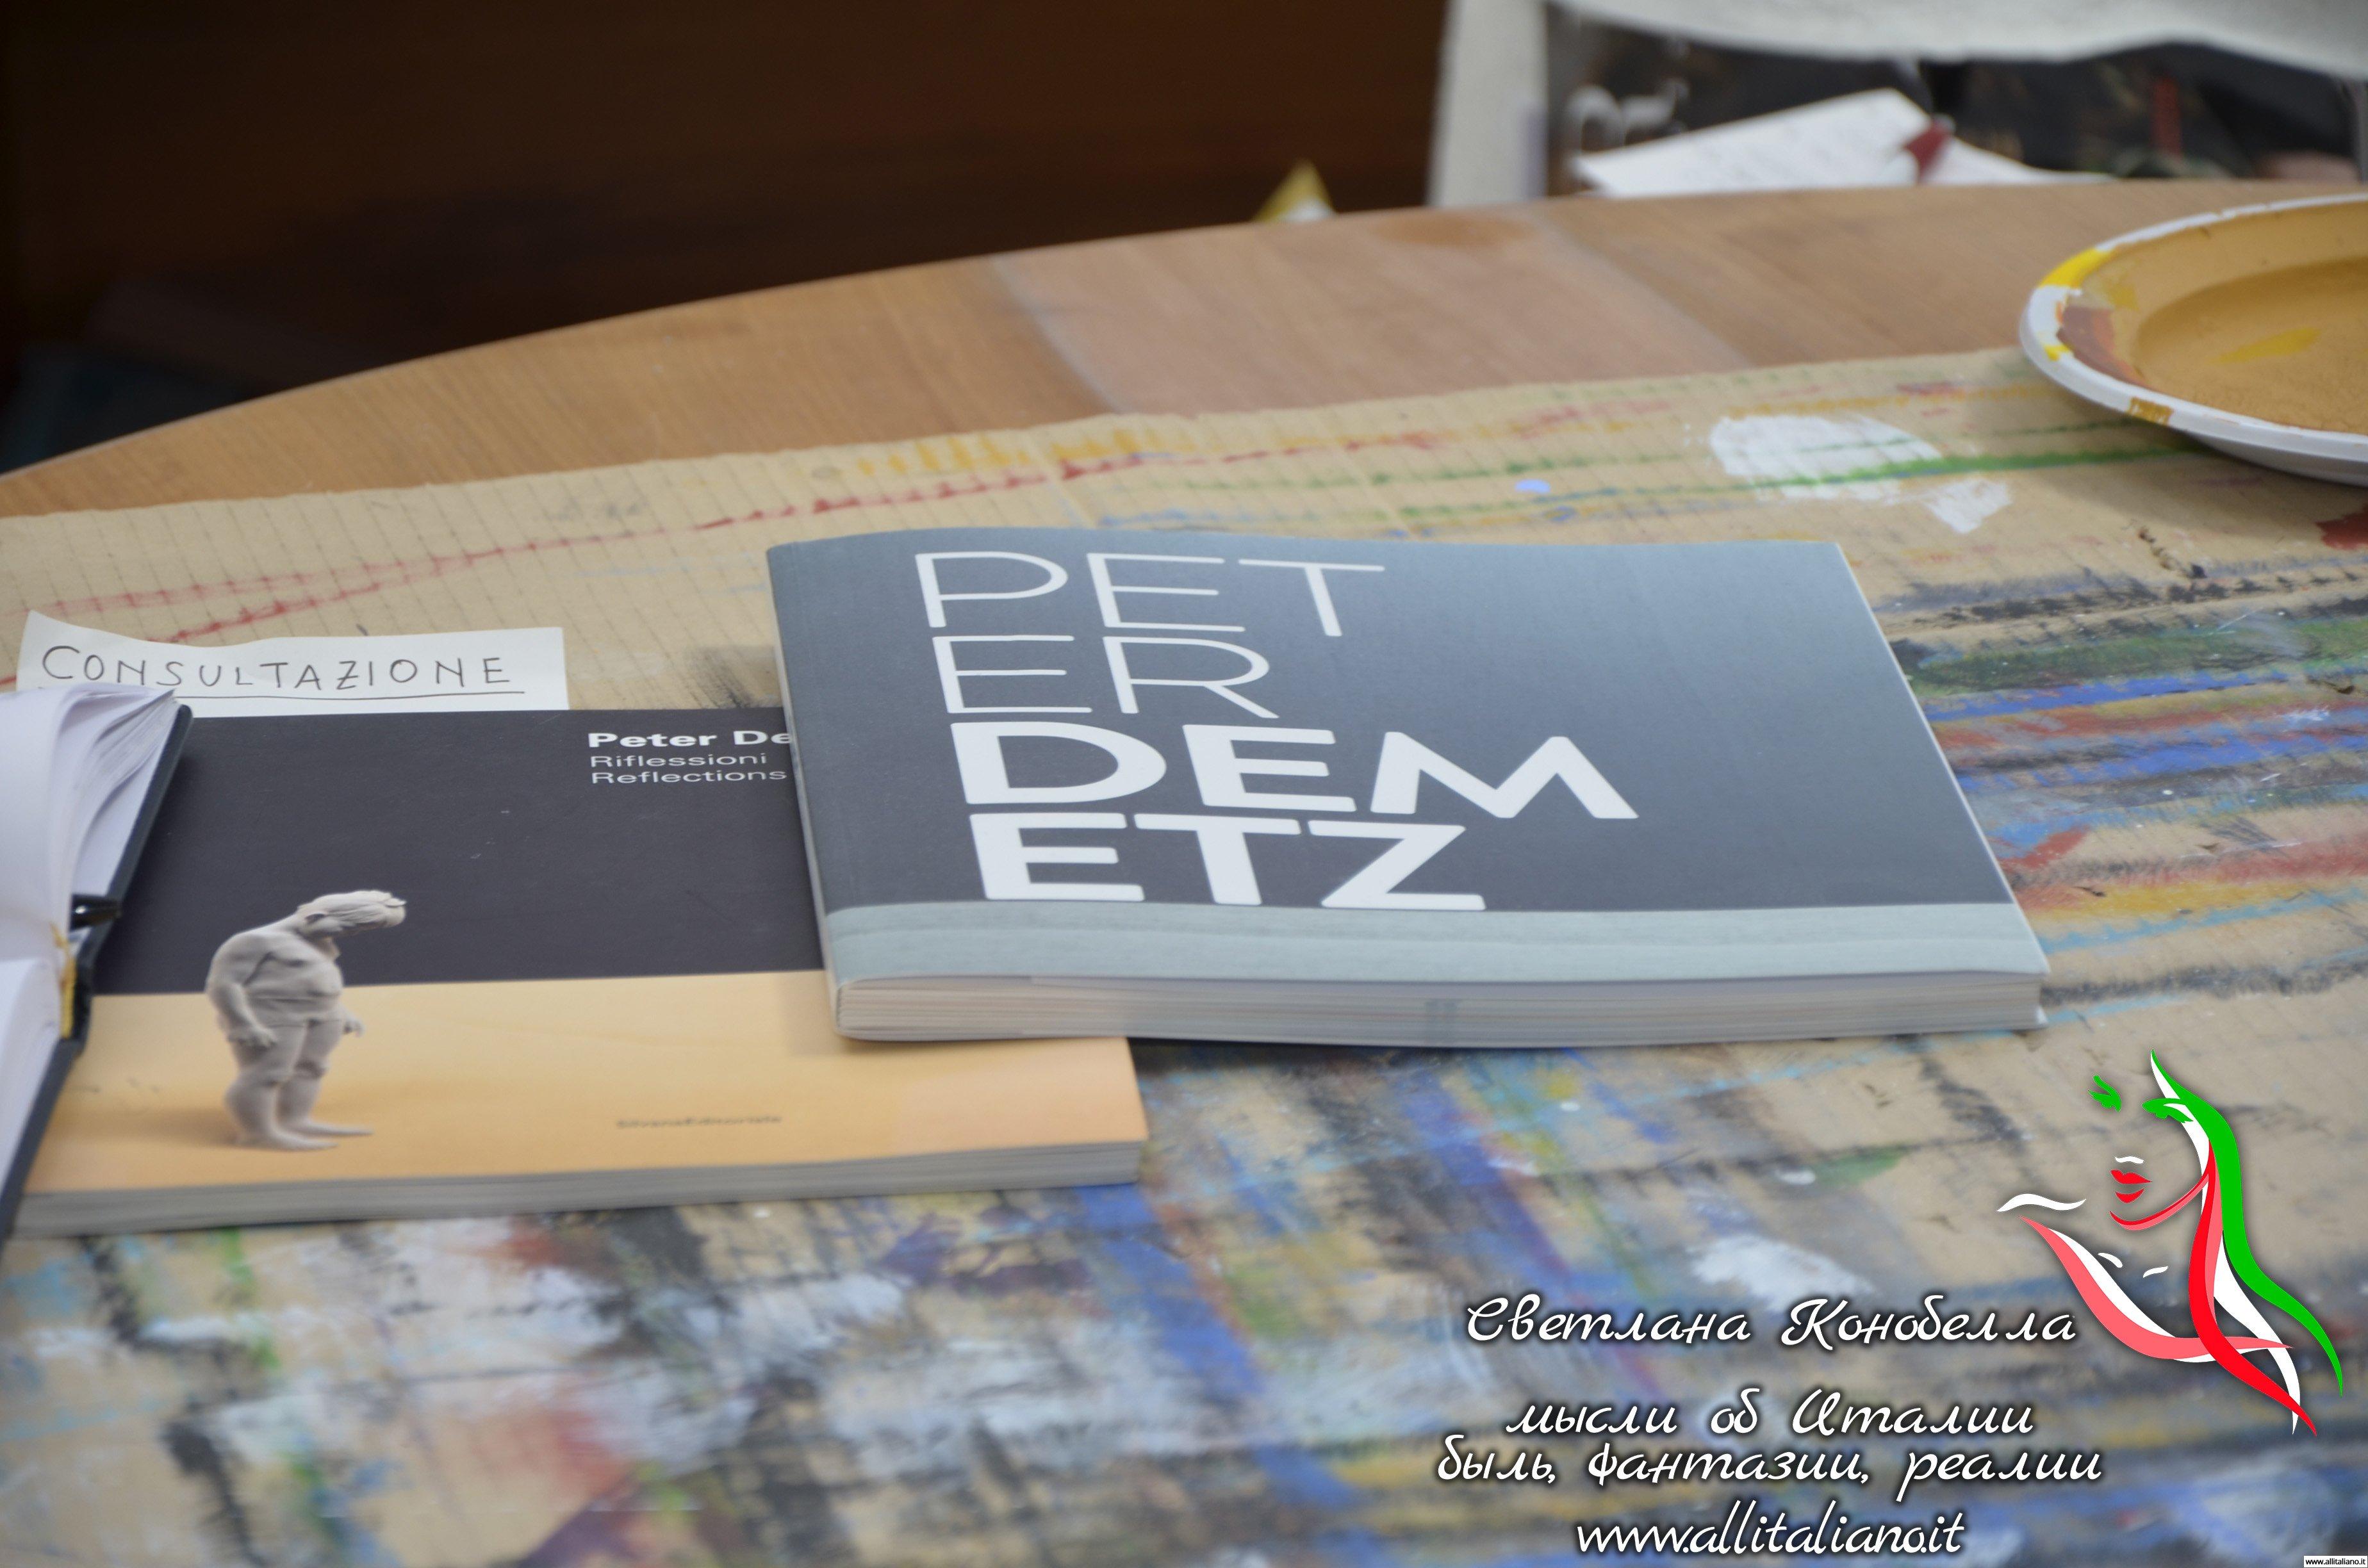 peter-demetz-svetlana-konobella-italy-art-sculpture-gardena-groeden-suedtirol (2)